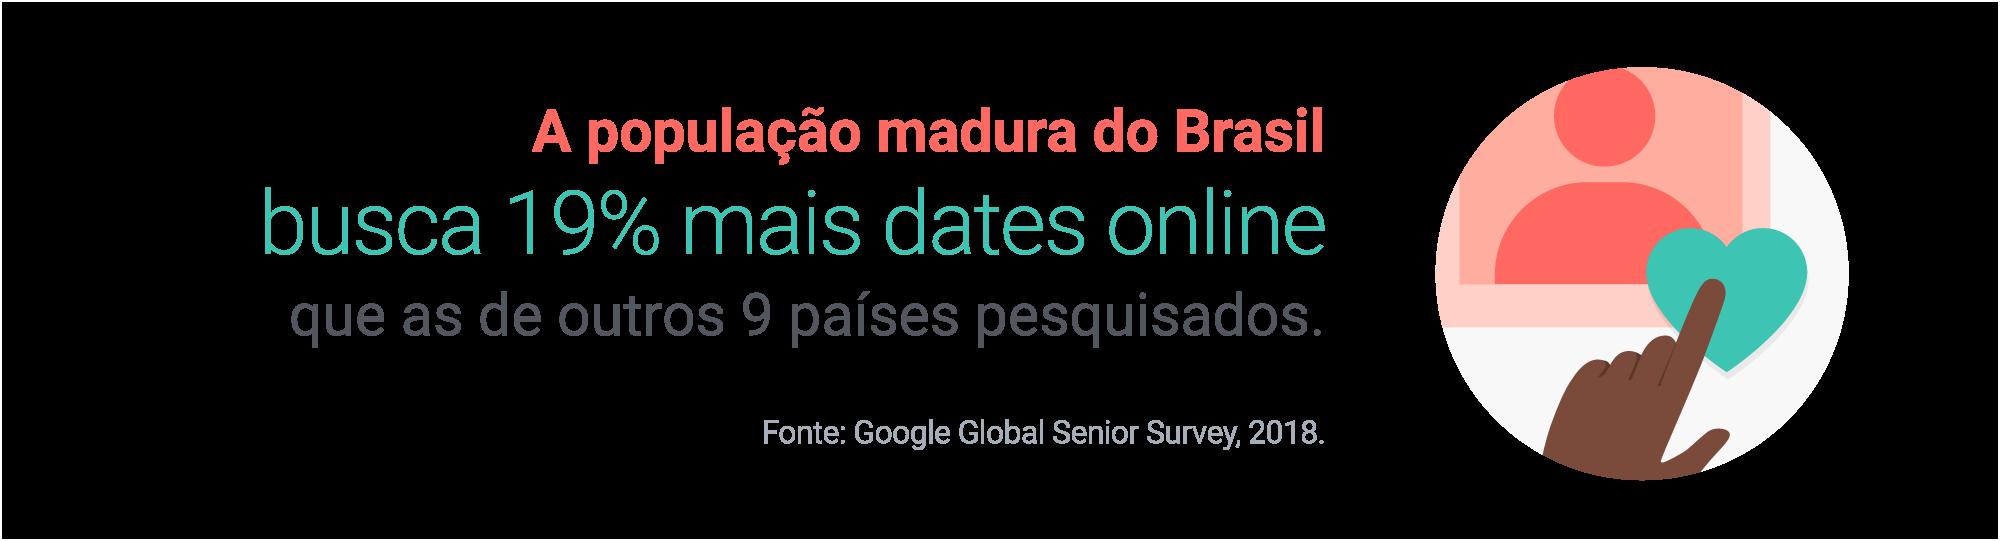 A população madura do Brasil busca 19% mais dates online que as de outros 9 países pesquisados. Fonte: Google Global Senior Survey, 2018.